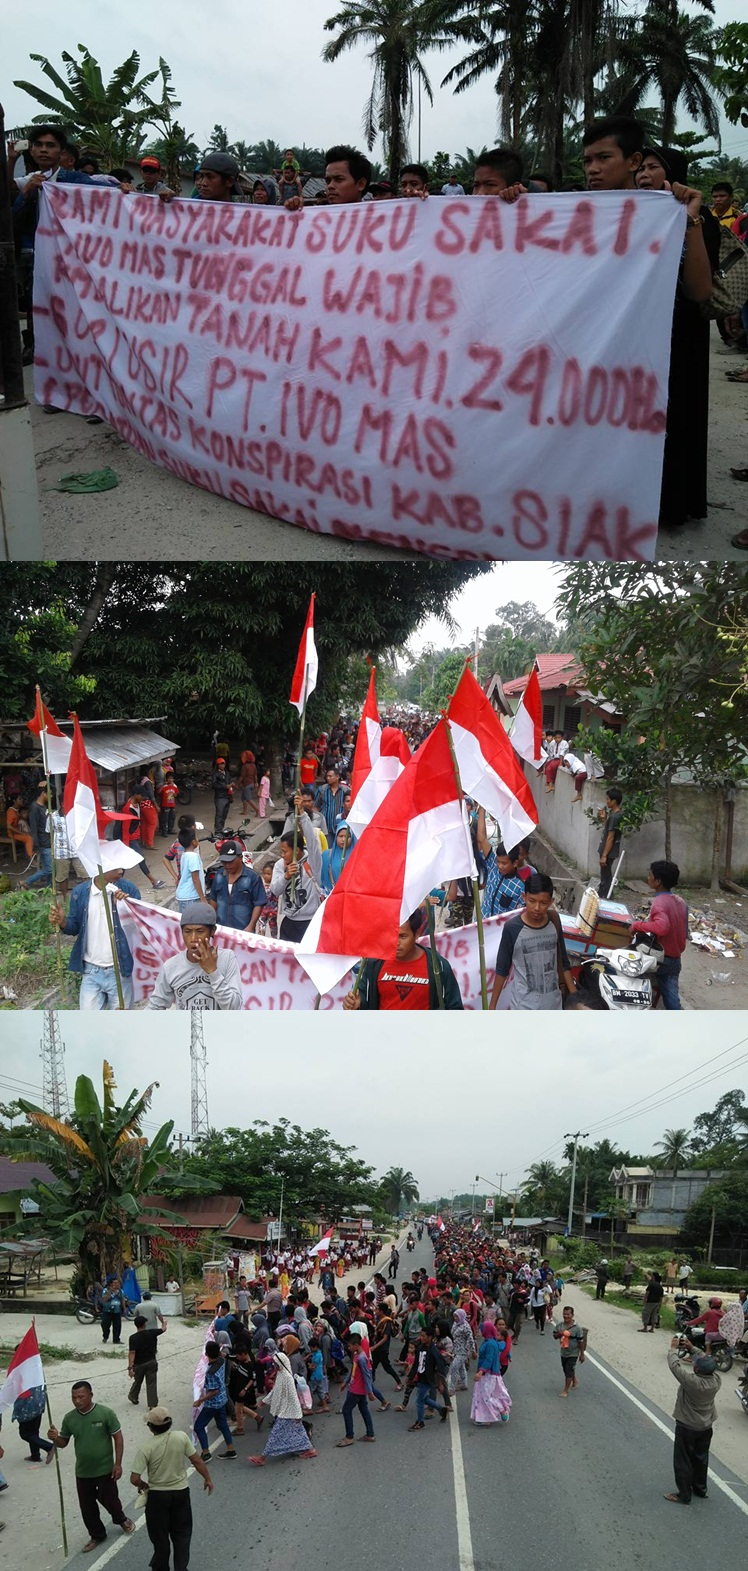 Mereka meminta Gubernur Riau untuk memfasilitasi penyelesaian sengketa tanah ulayat Suku Sakai dengan PT Ivomas Tunggal dan meminta Gubernur Riau untuk memperhatikan nasib anak suku Sakai sebagai suku asli masyarakat Riau